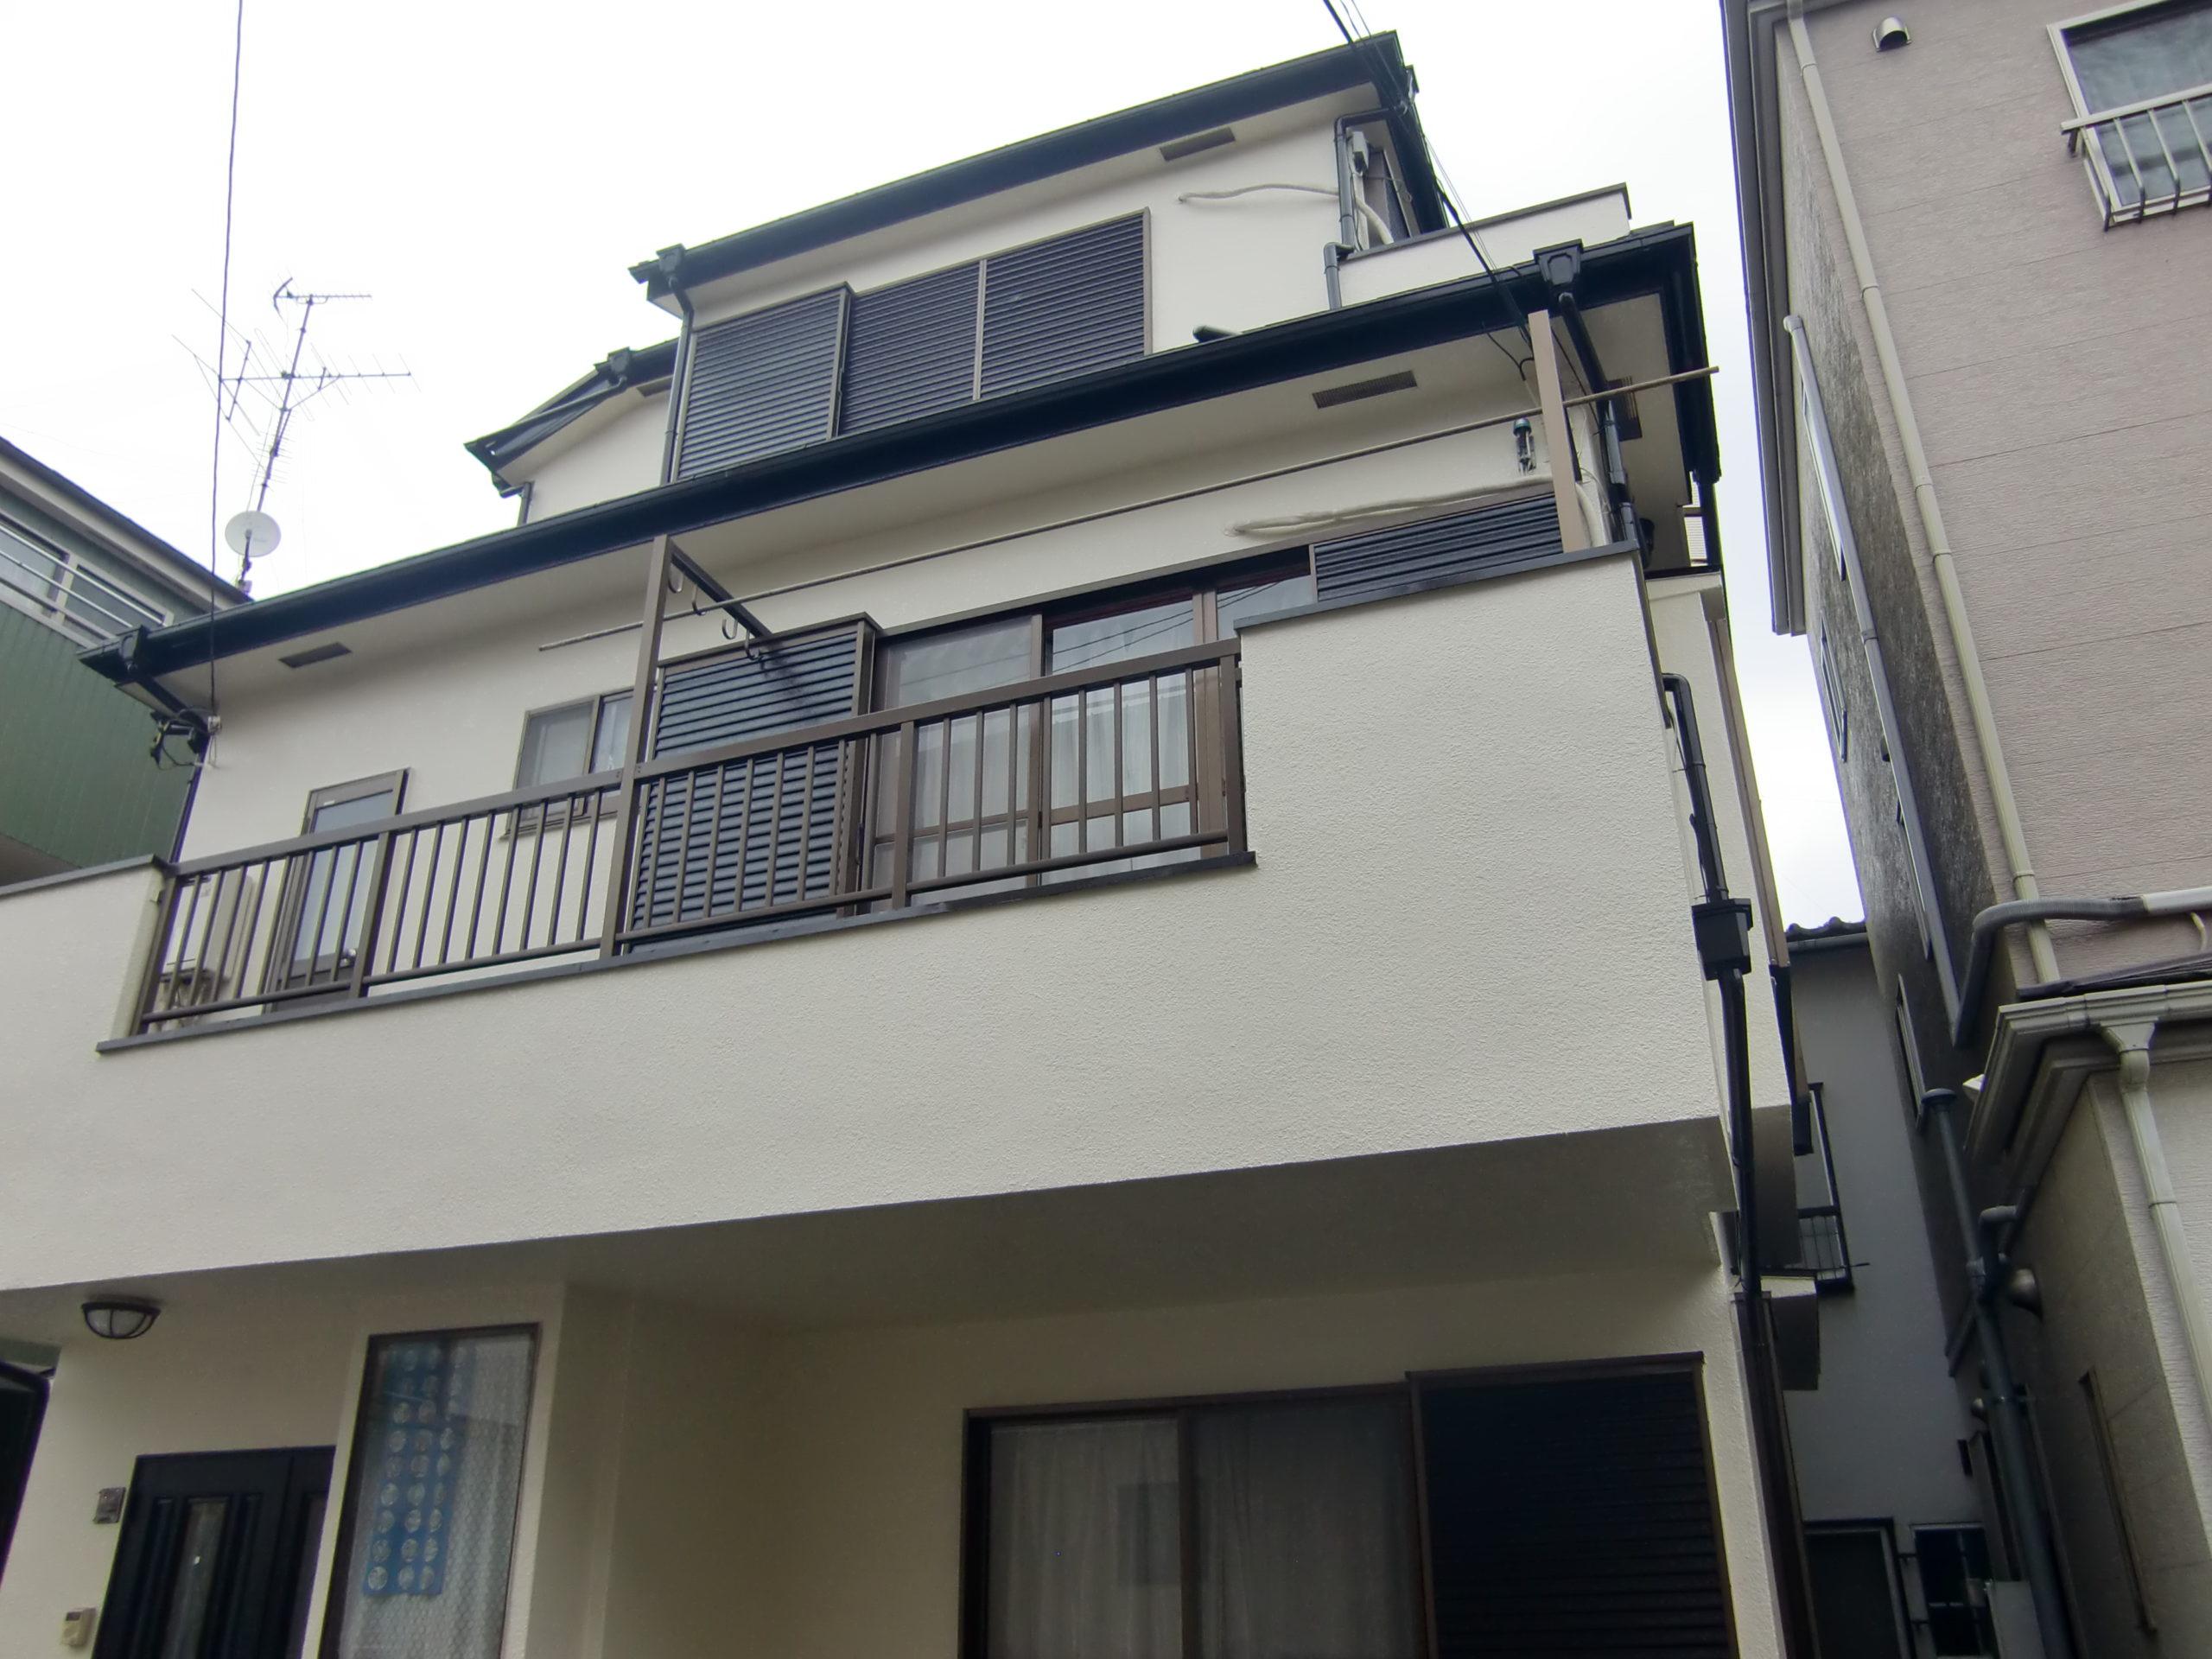 埼玉県 さいたま市 外壁塗装 屋根塗装 S様邸   ケイナスホーム 埼玉1